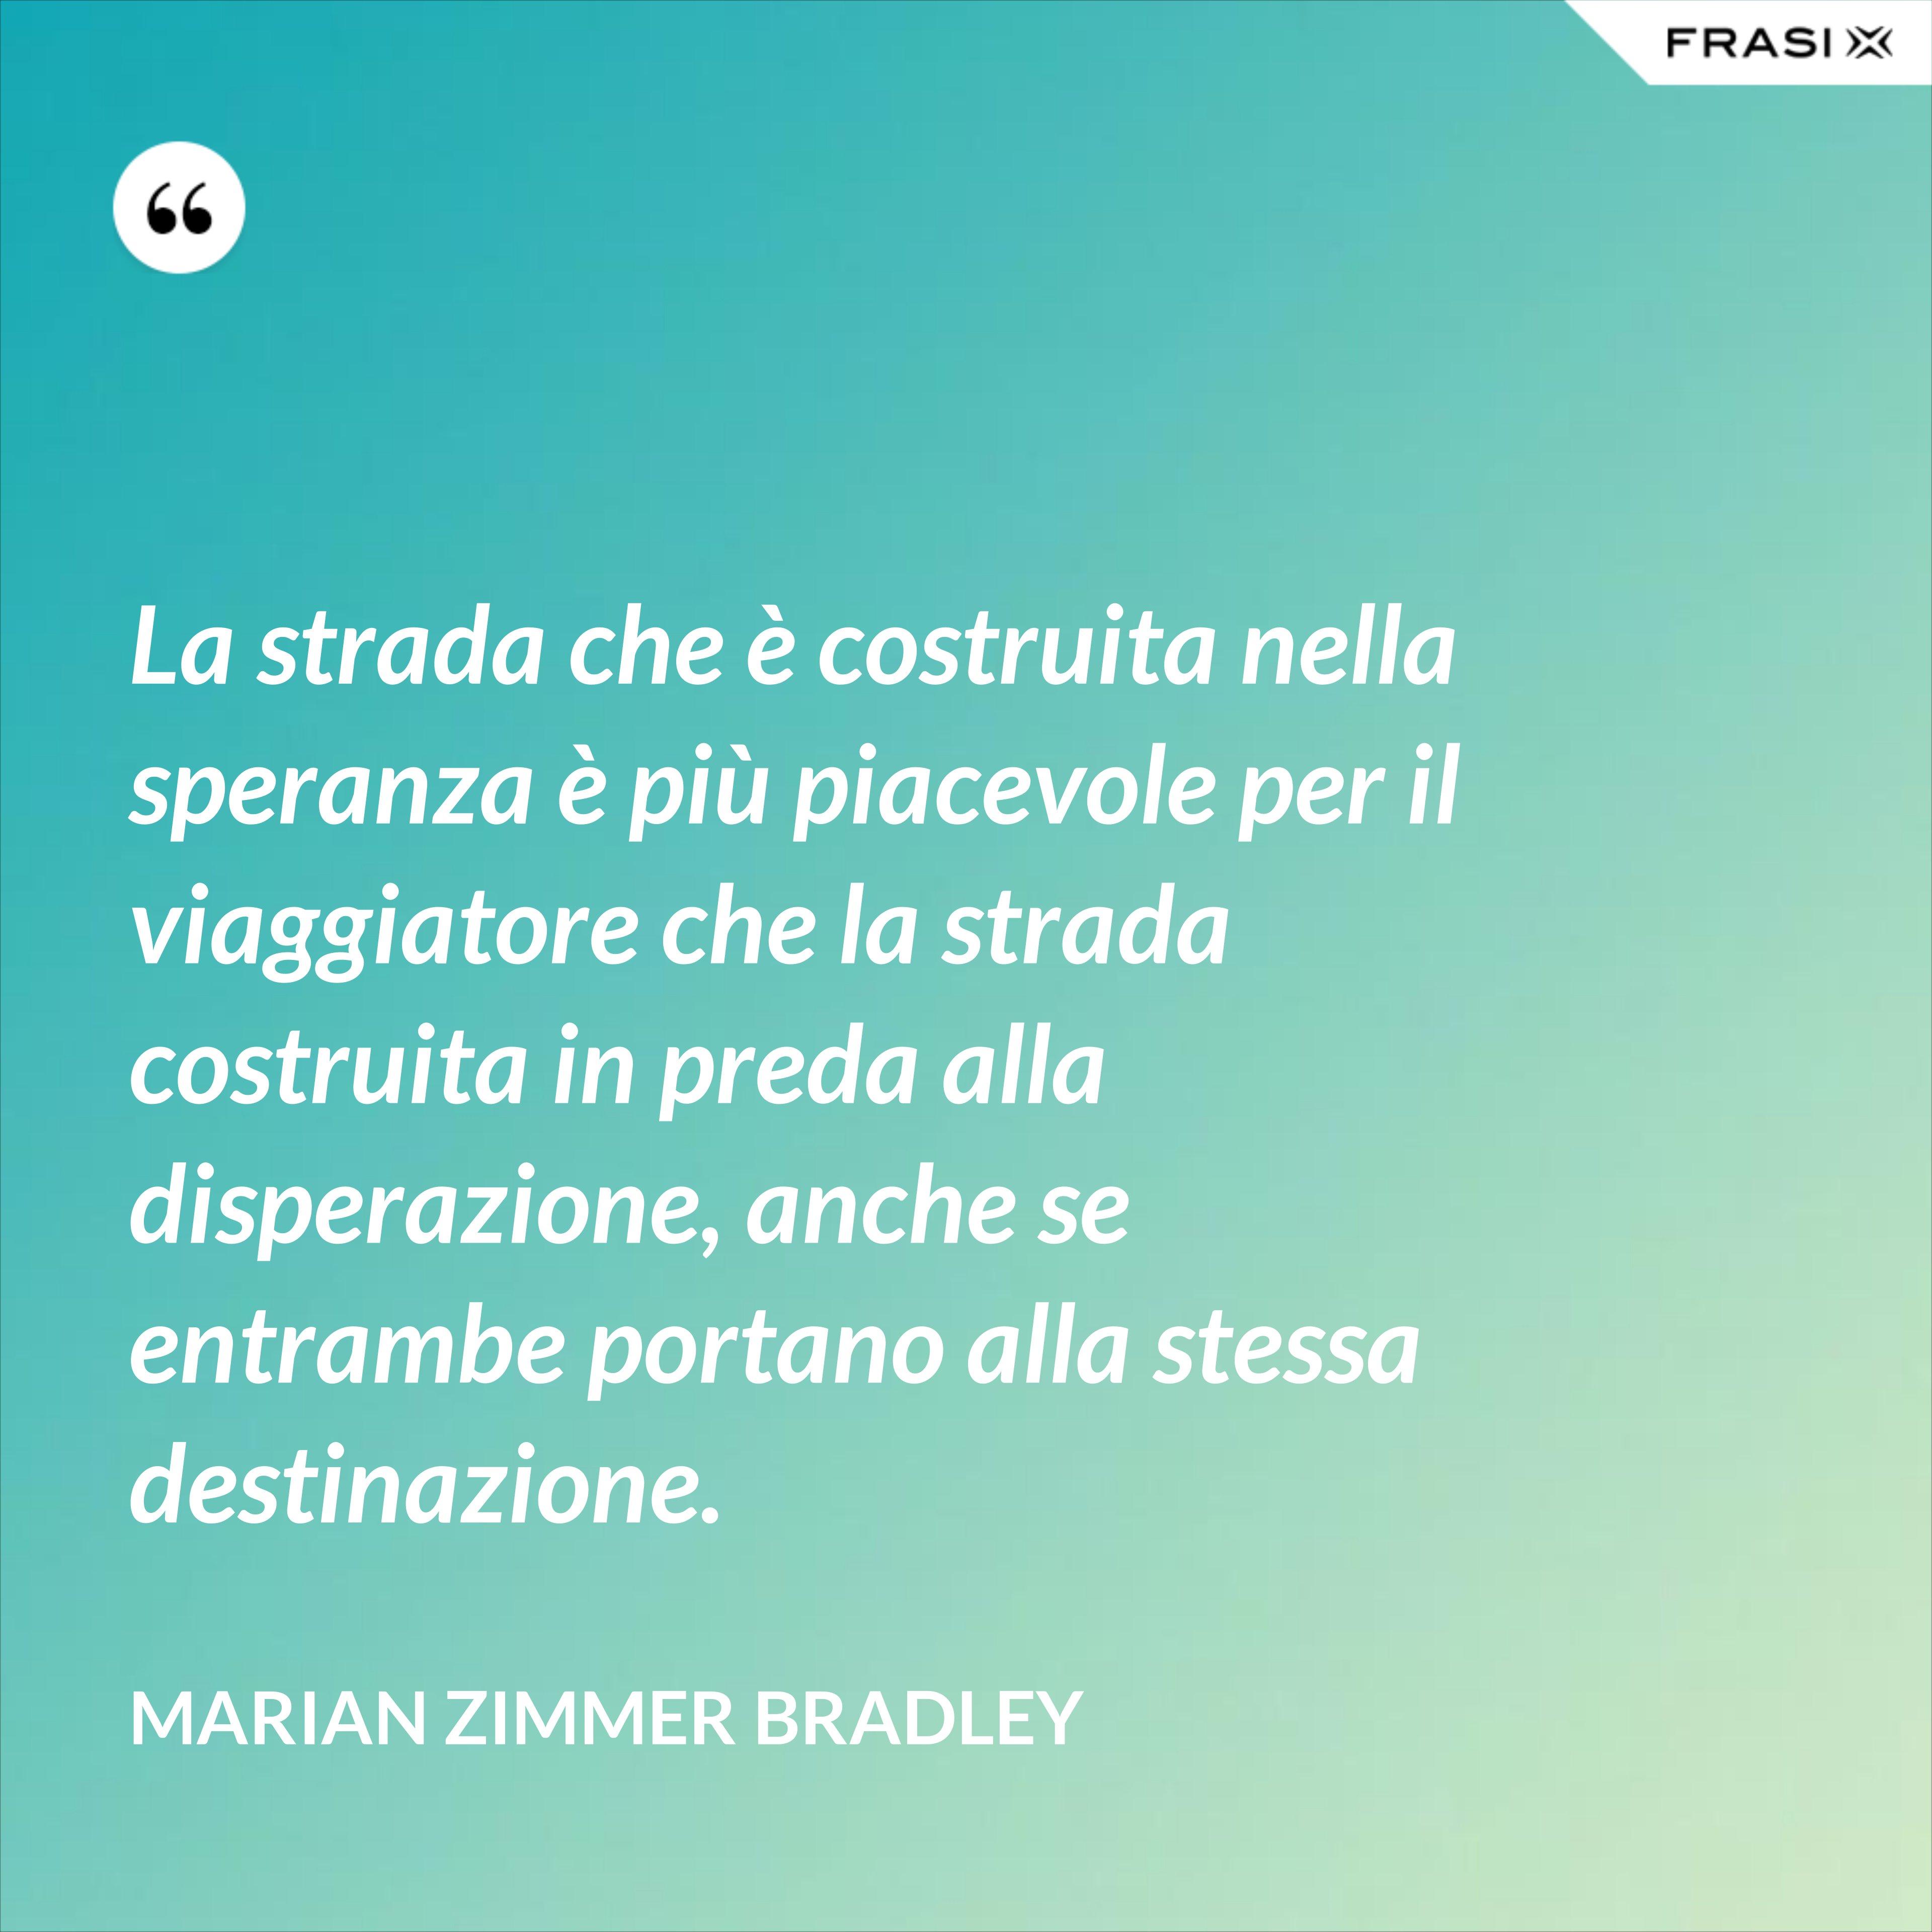 La strada che è costruita nella speranza è più piacevole per il viaggiatore che la strada costruita in preda alla disperazione, anche se entrambe portano alla stessa destinazione. - Marian Zimmer Bradley